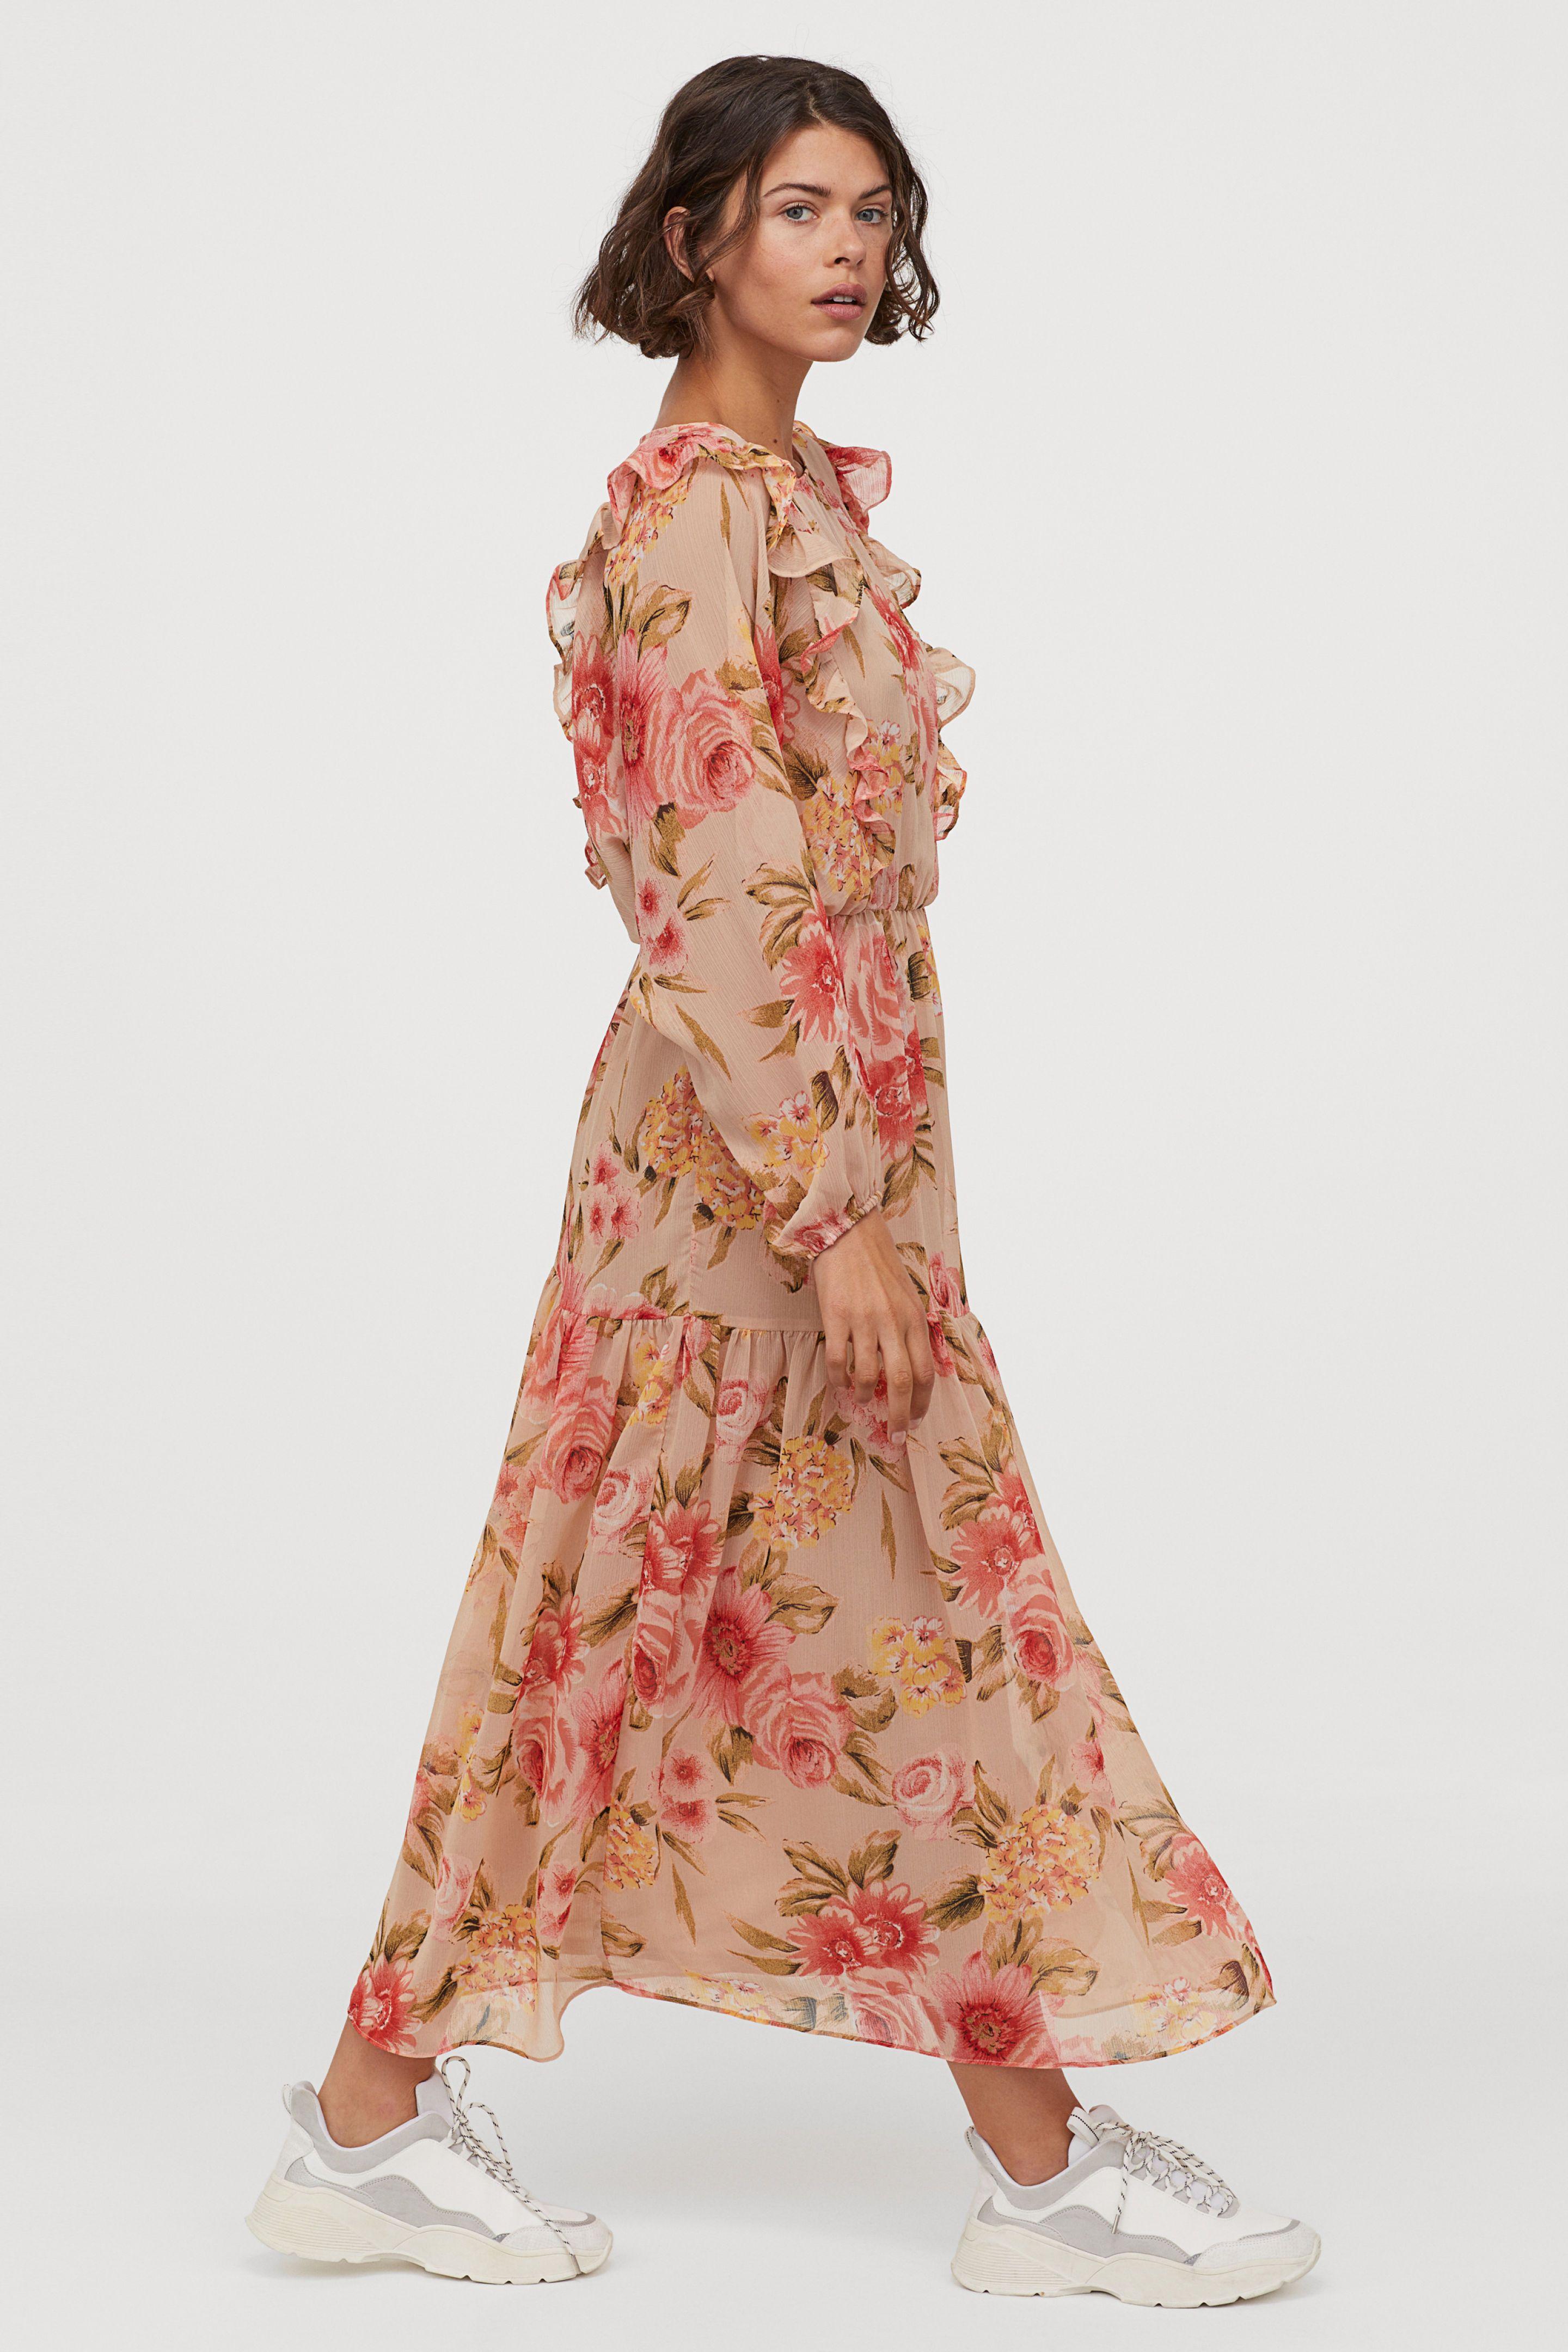 H&m donna Abbigliamento, vestiti e accessori di moda